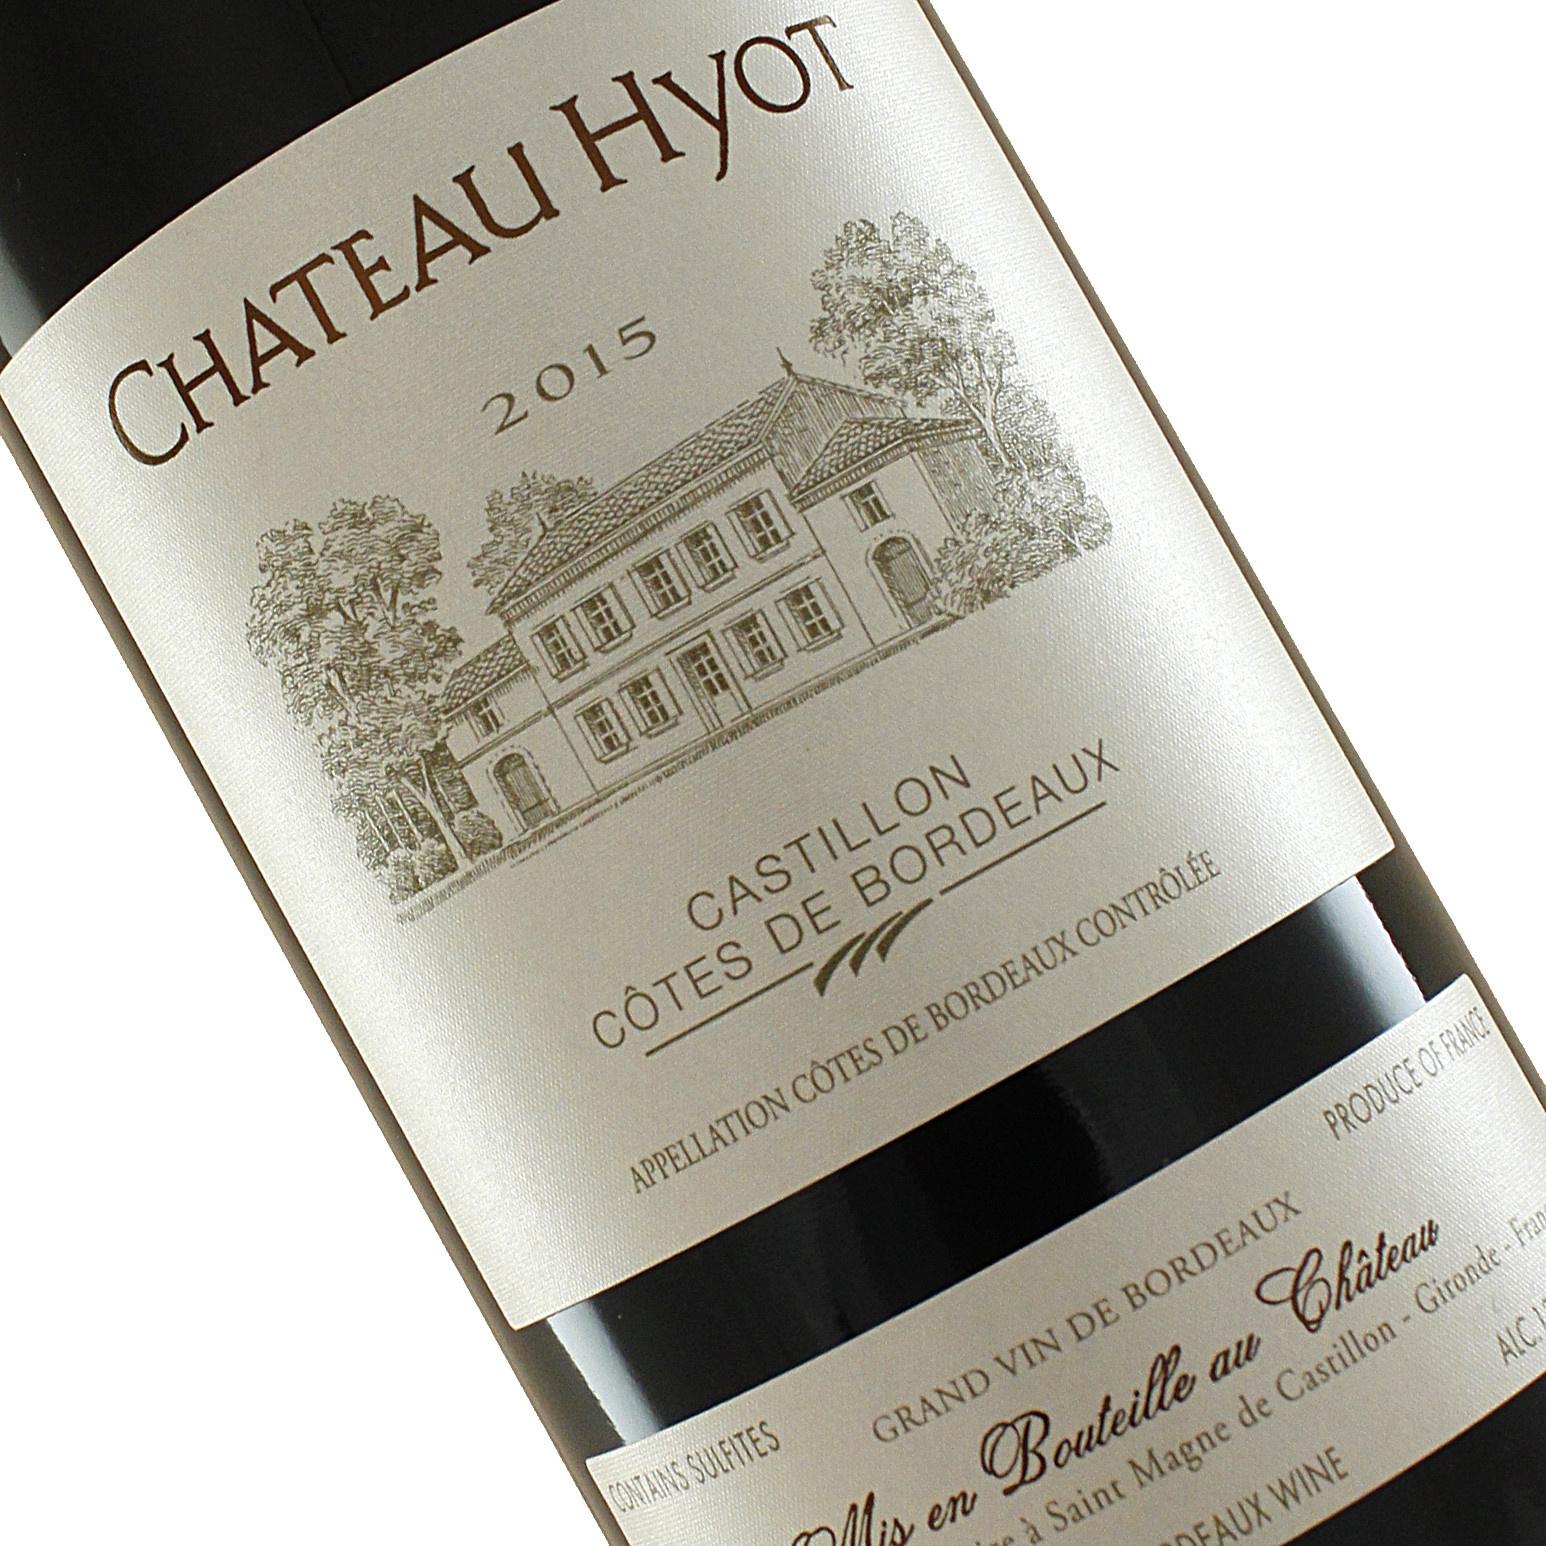 Chateau Hyot 2015 Castillon Cotes De Bordeaux